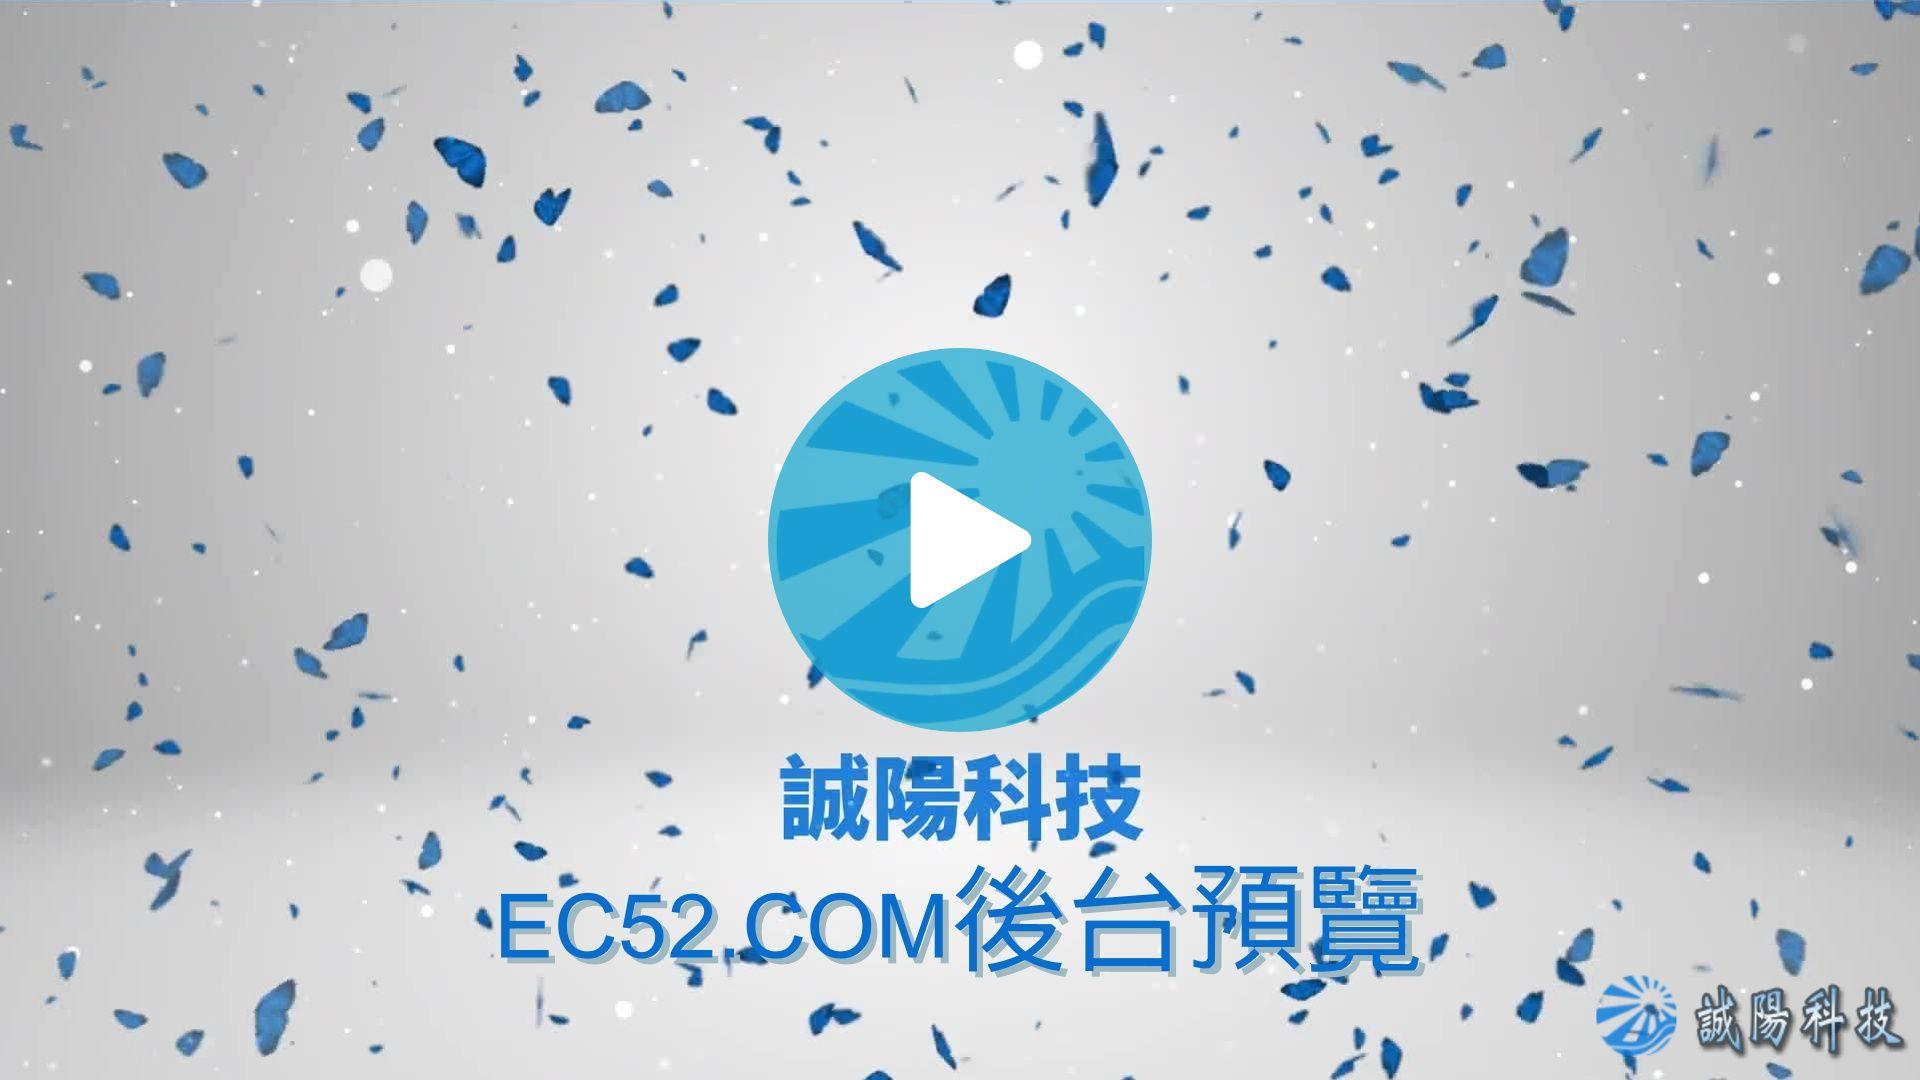 admin demo - Ec52